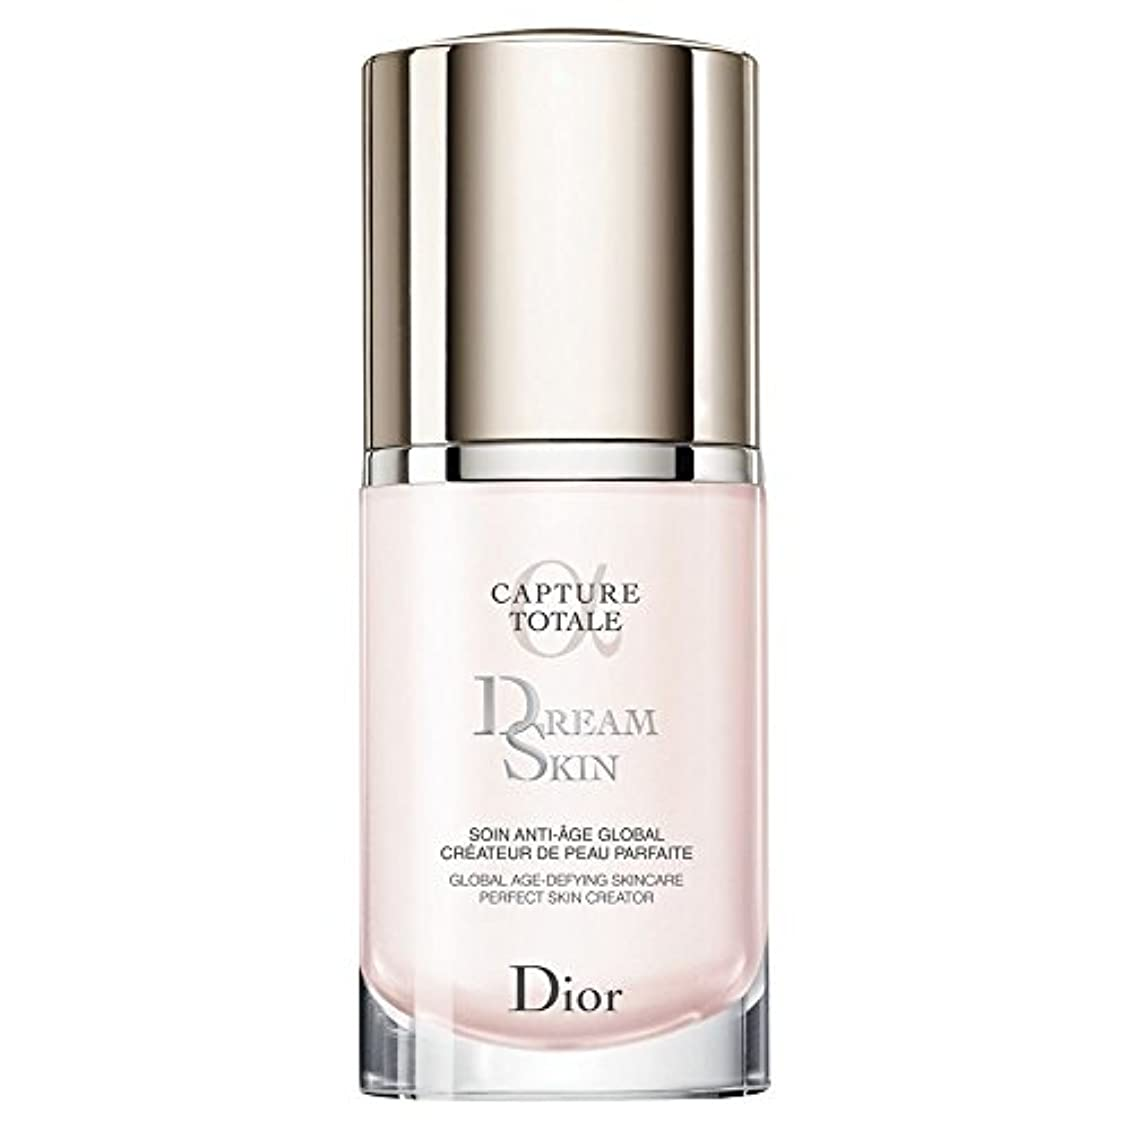 スパイラル語フィクション[Dior] ディオールカプチュールトータルのDreamskin 30ミリリットル - Dior Capture Totale Dreamskin 30ml [並行輸入品]